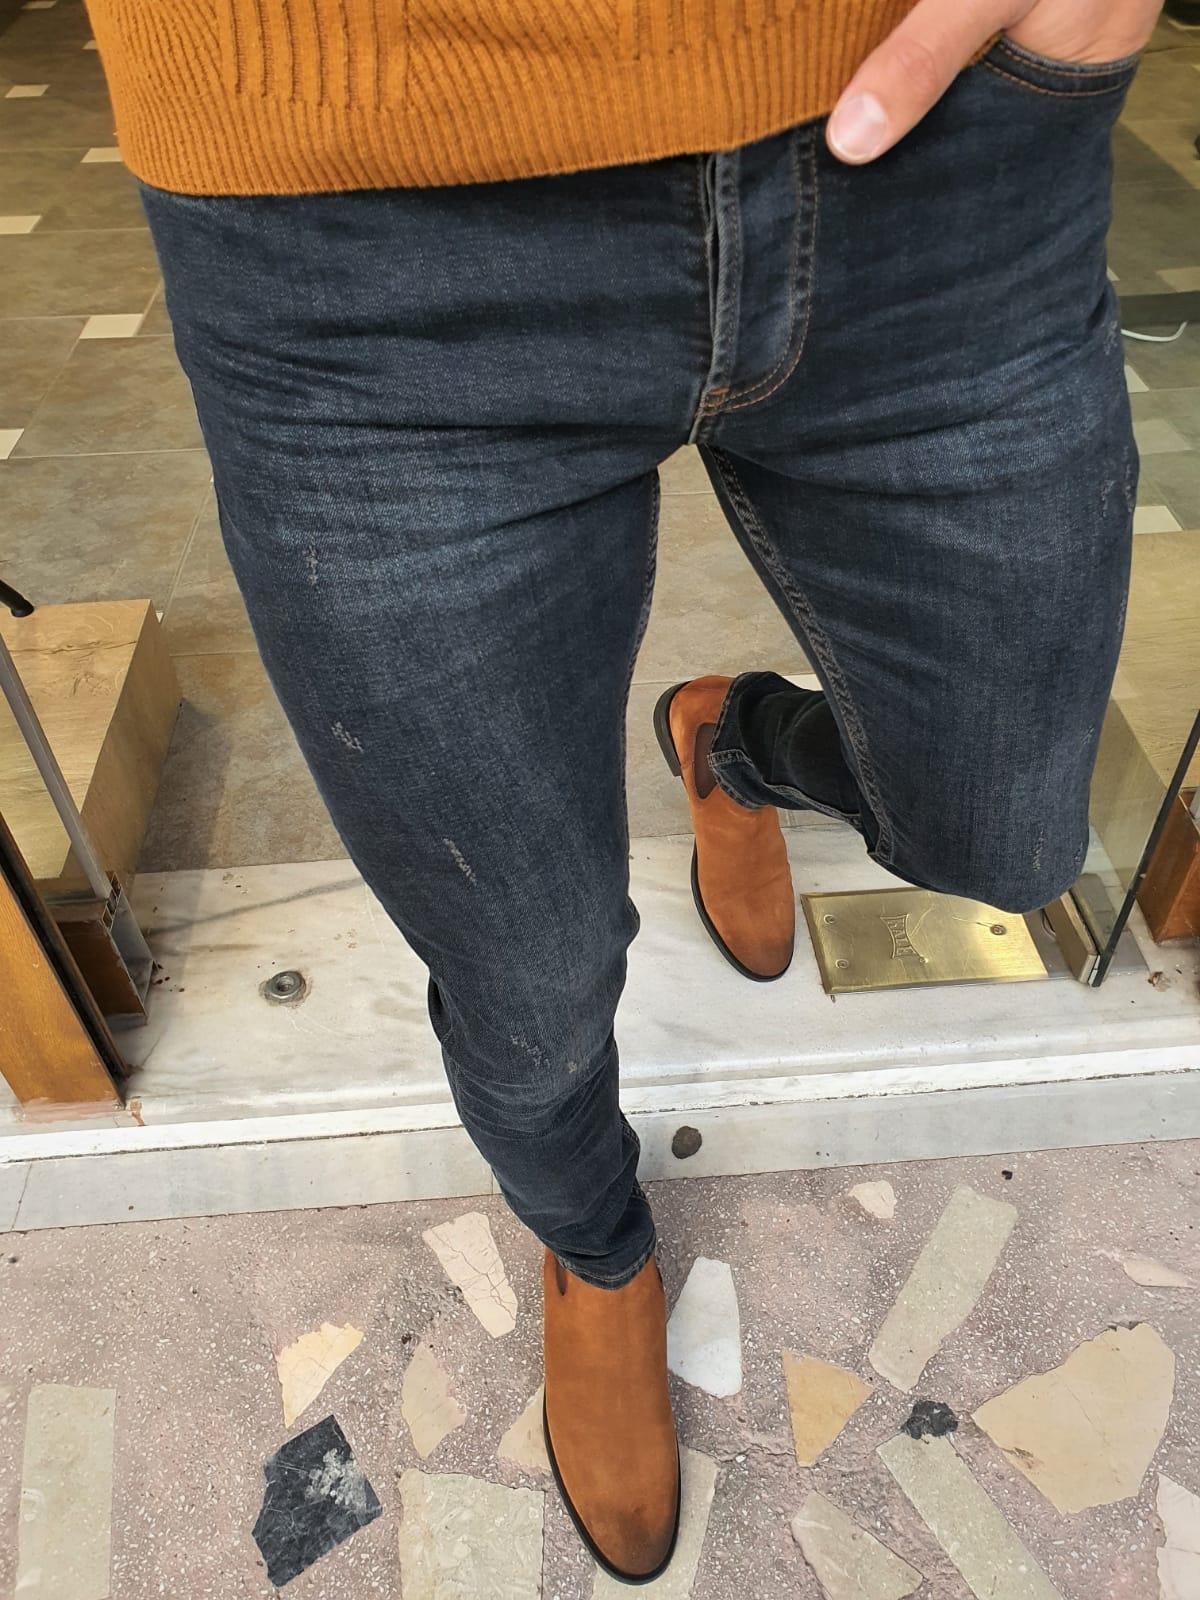 Aysoti Brandon Khaki Slim Fit Striped Jeans